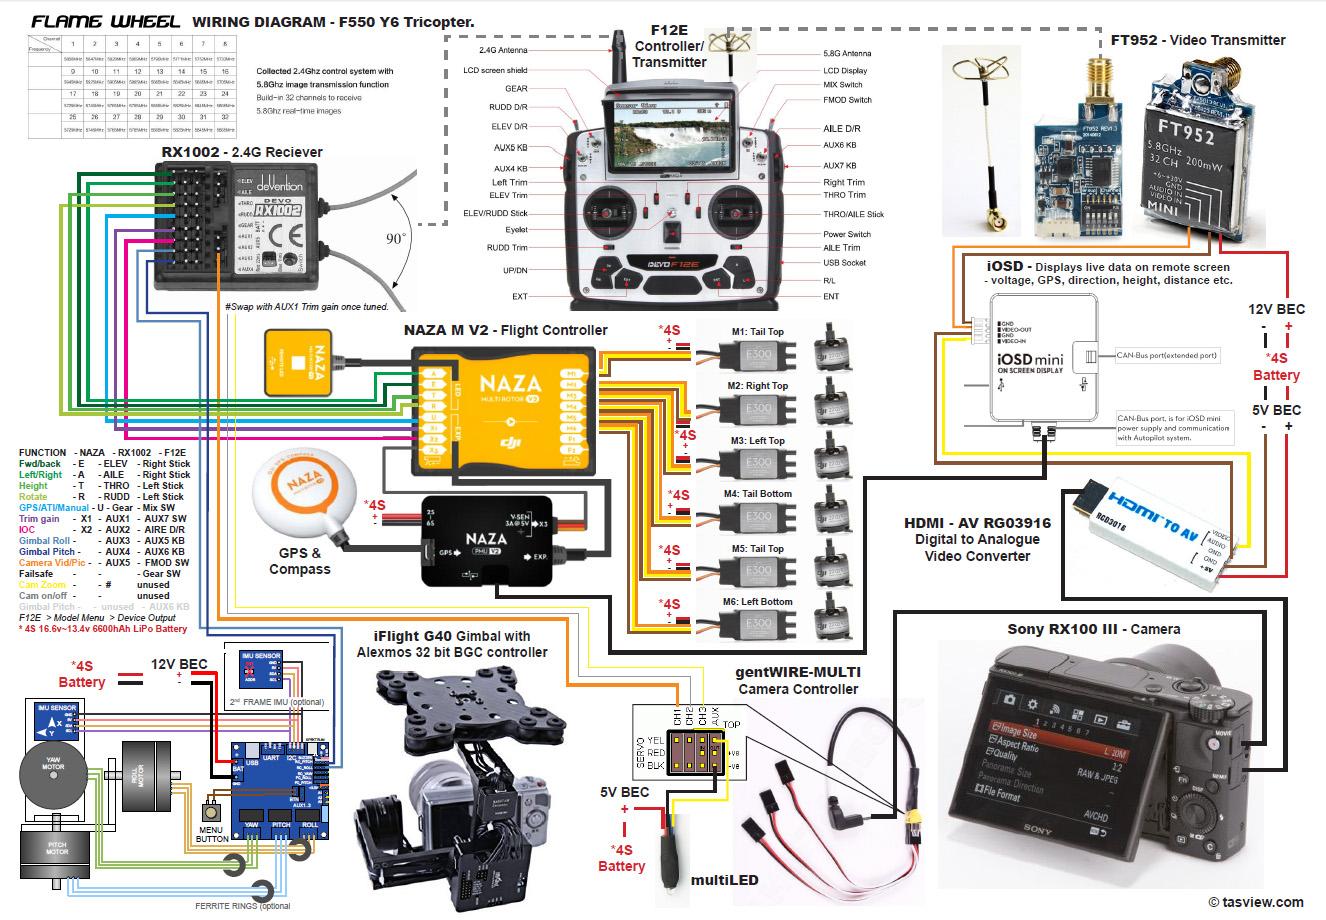 naza wiring diagram electrical wiring diagrams residential electrical wiring diagrams quadcopter naza wiring diagram [ 1326 x 920 Pixel ]